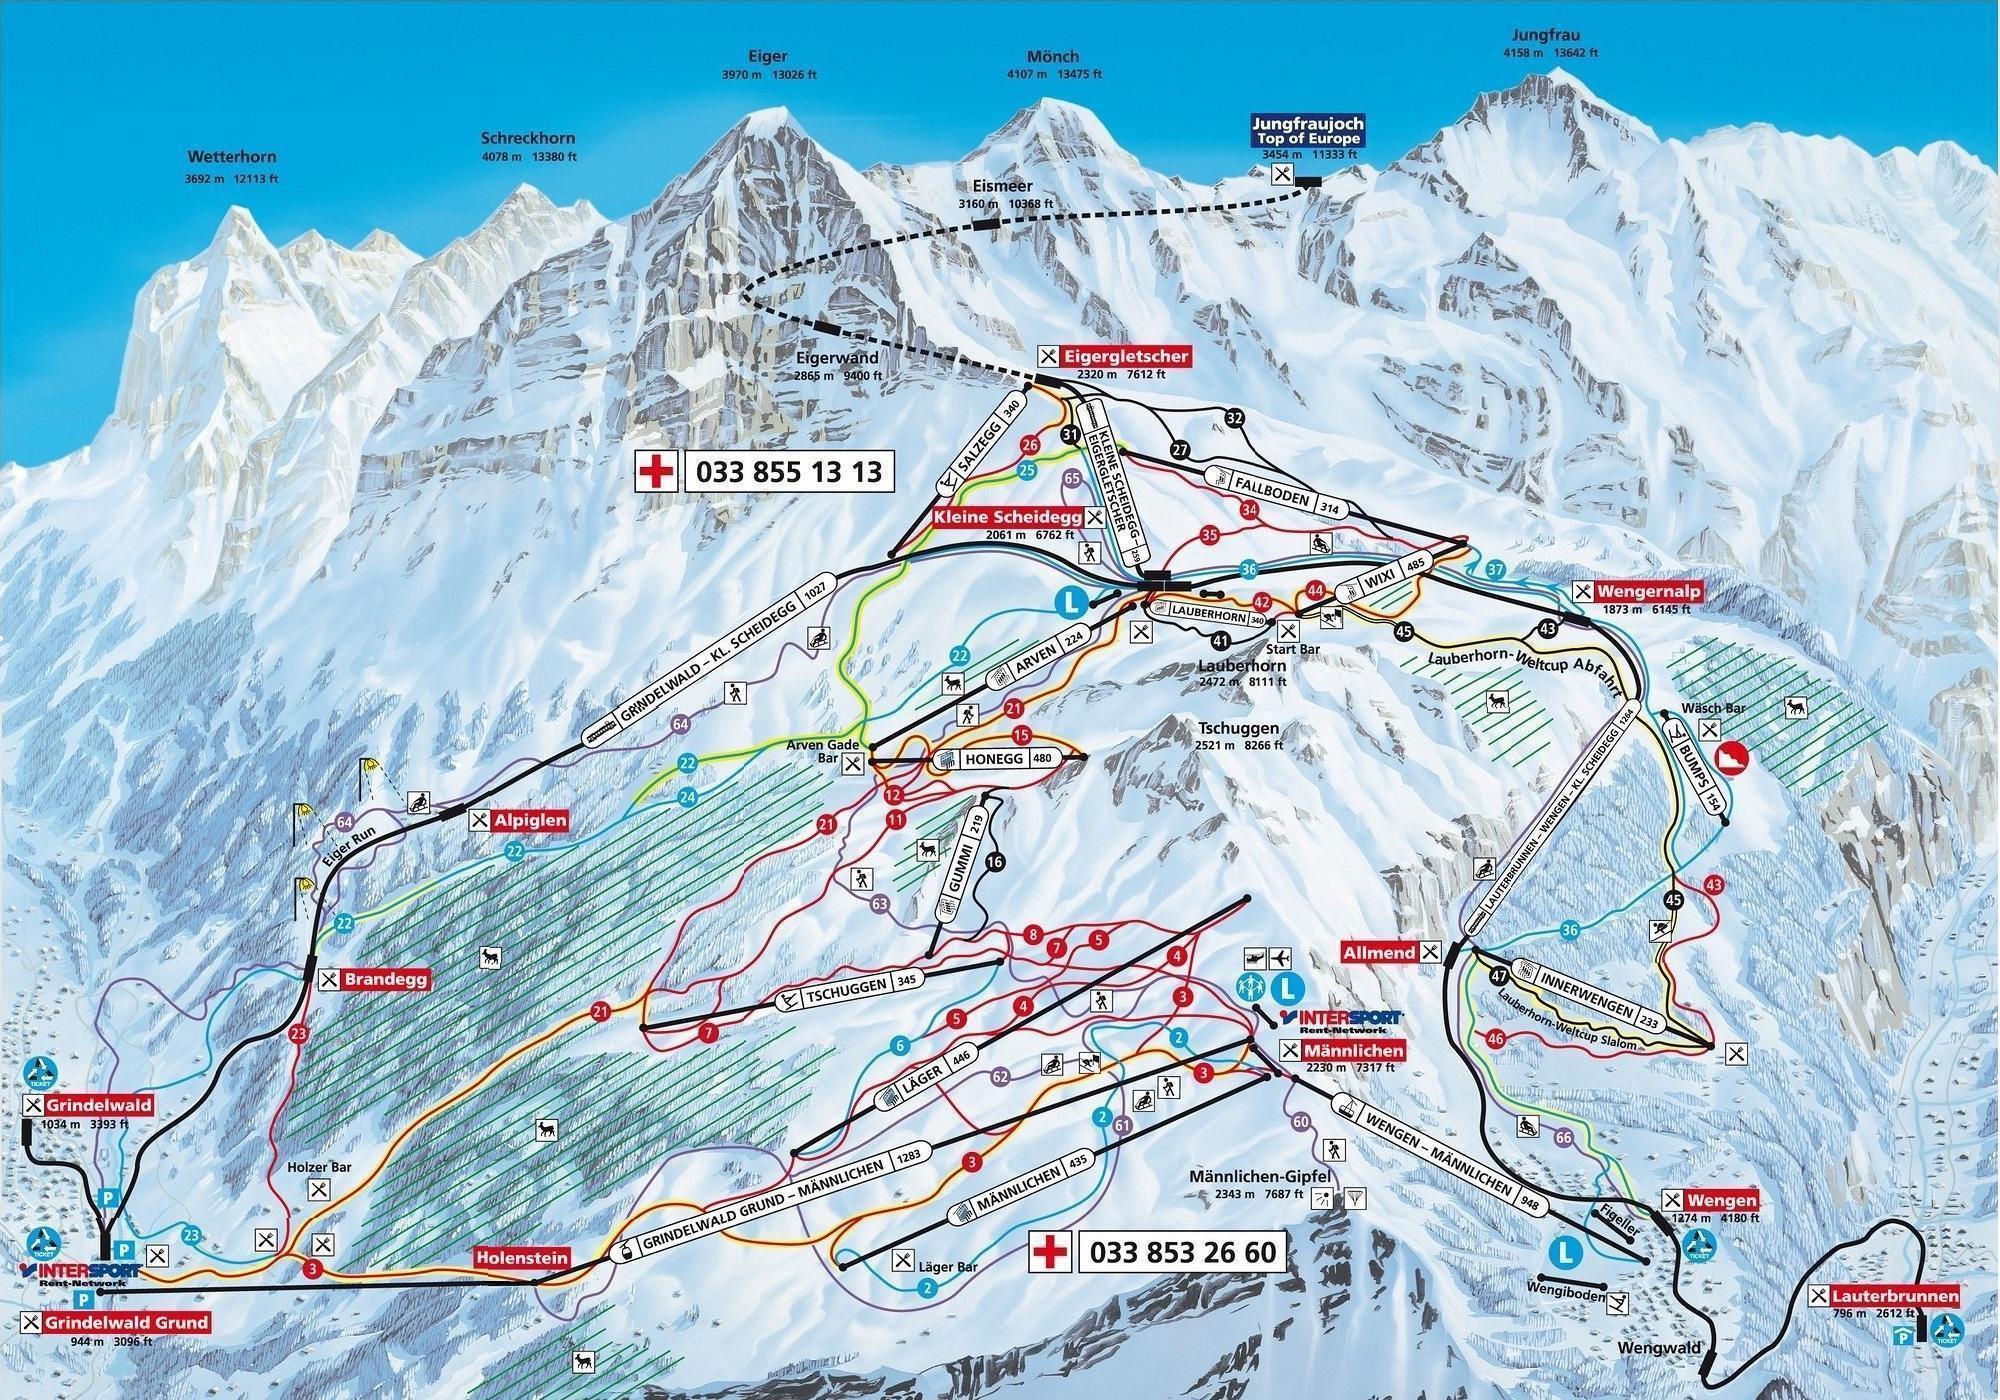 Wengen Piste Map J2Ski